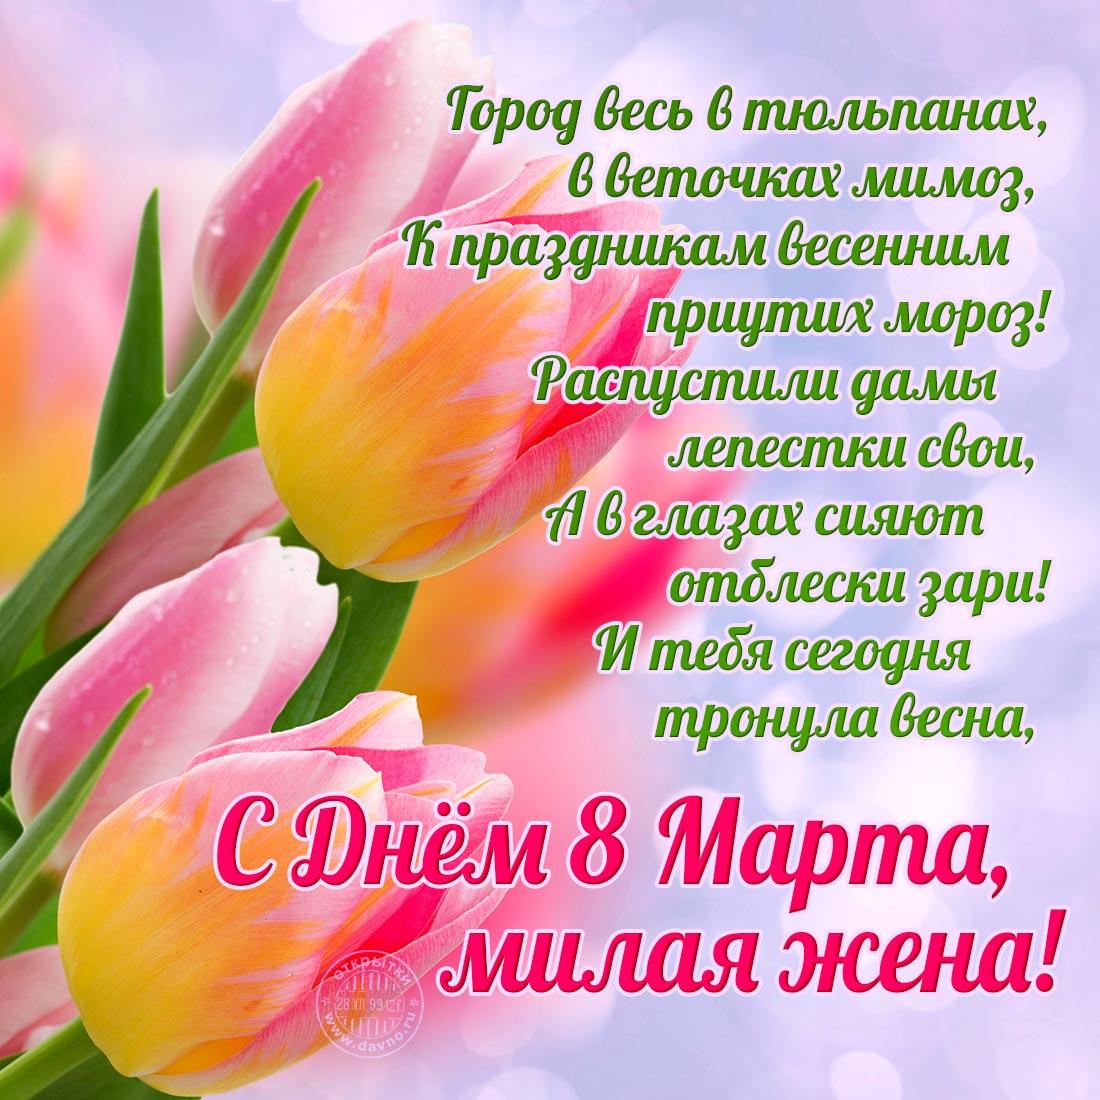 Поздравления с первым днем весны (1 марта 2020): красивые открытки и лучшие кратинки